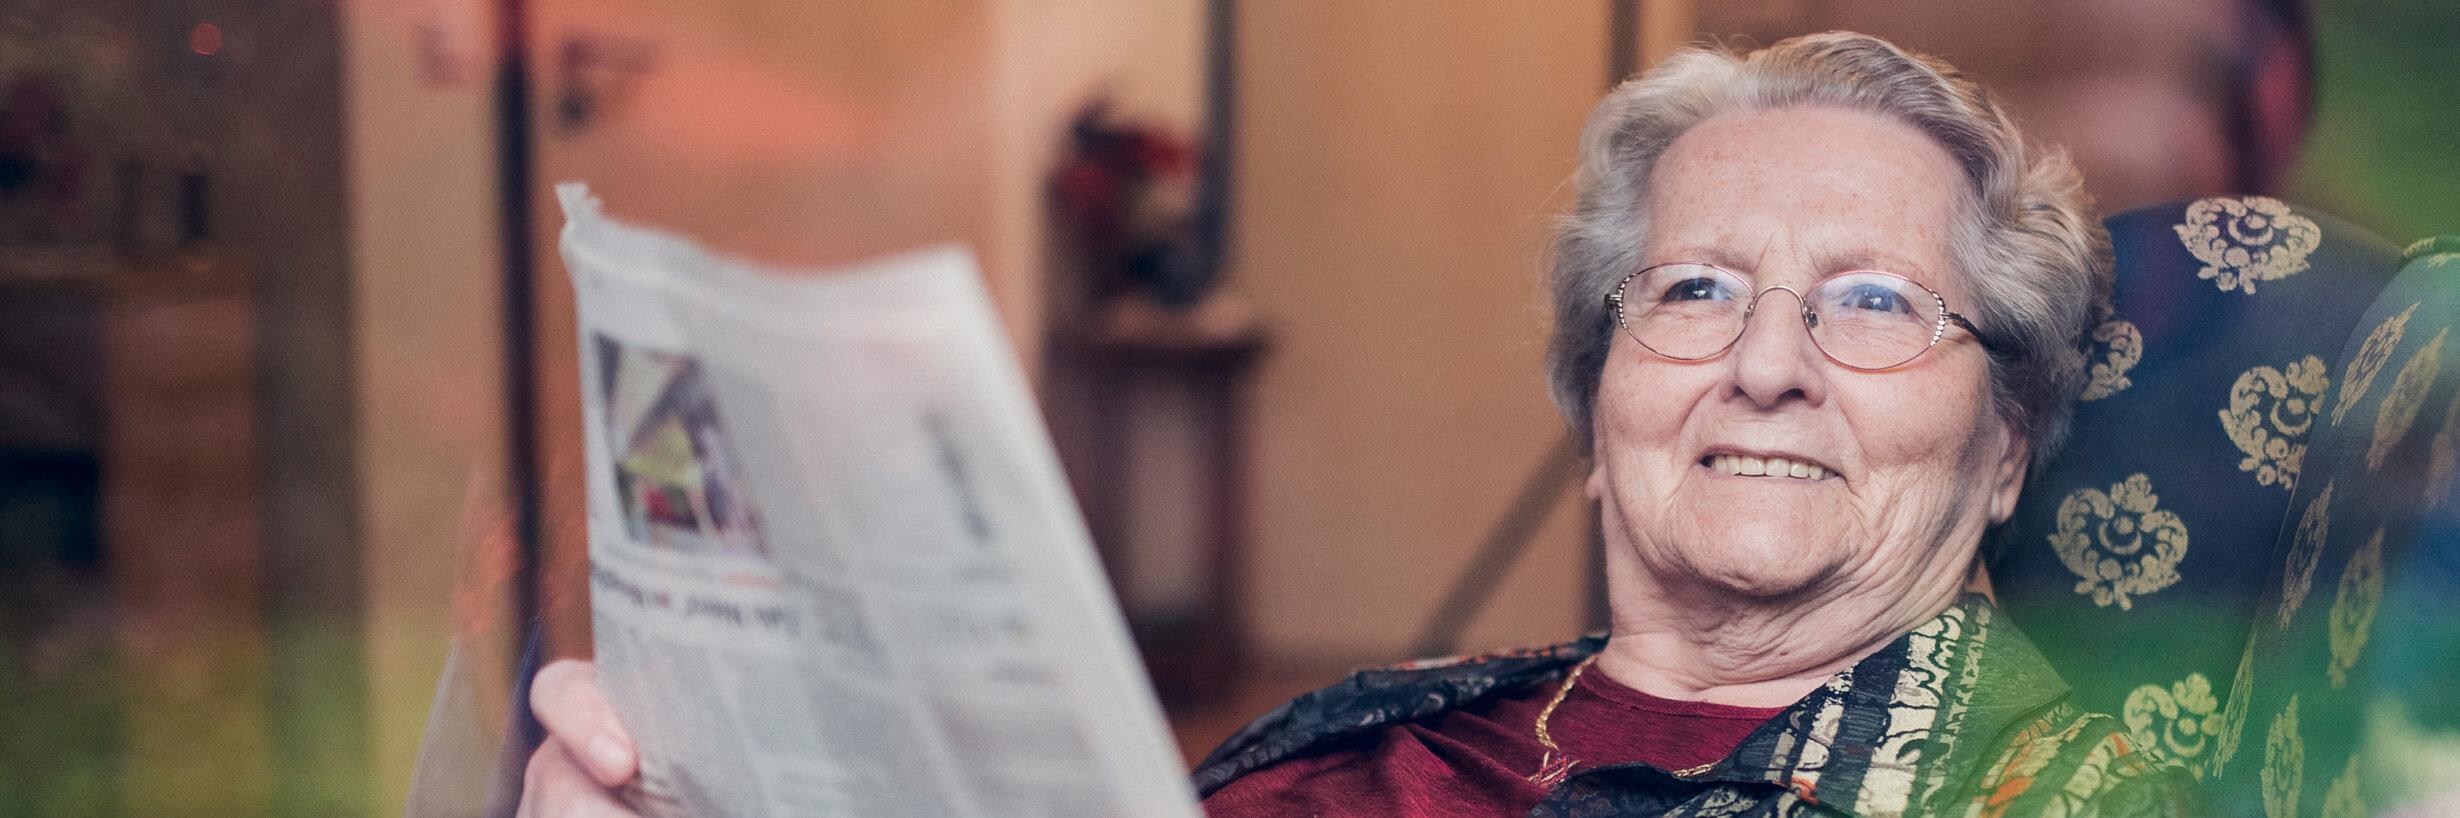 Eine Bewohnerin liest Zeitung im Mutter Eva von Tiele Winckler-Pflegeheim in Wentorf